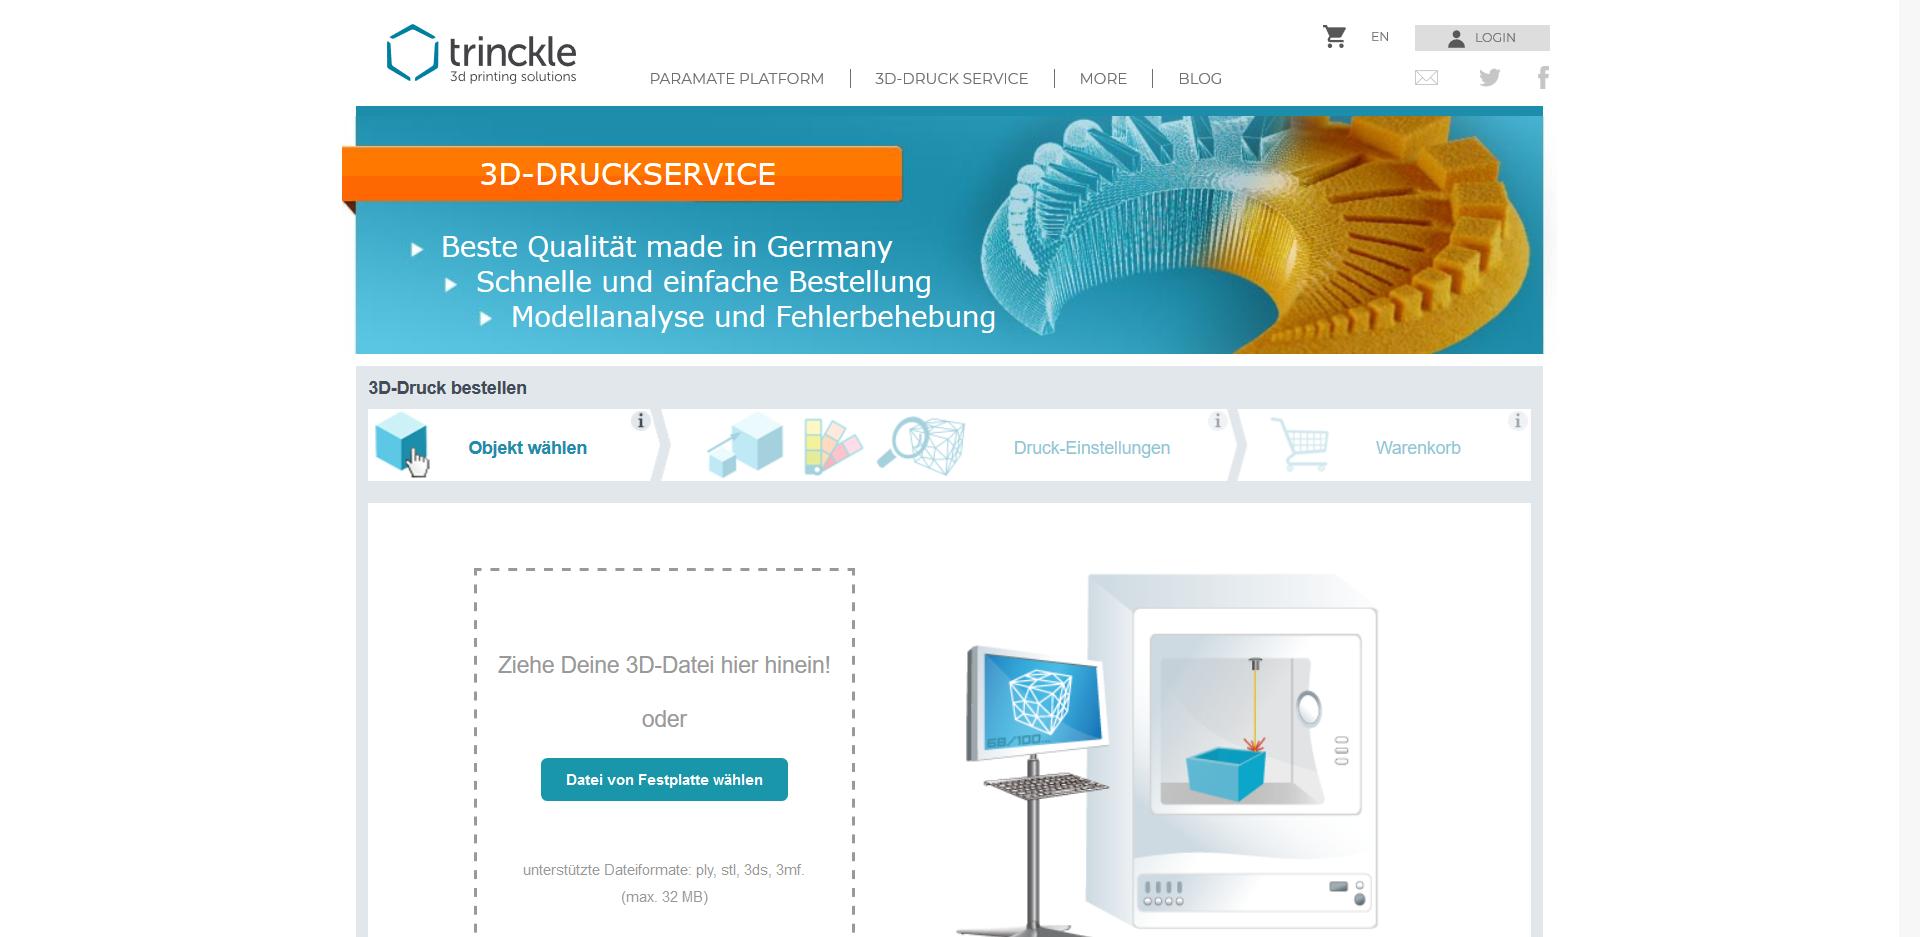 3D drucken lassen auf Trinckle - Startseite des Service